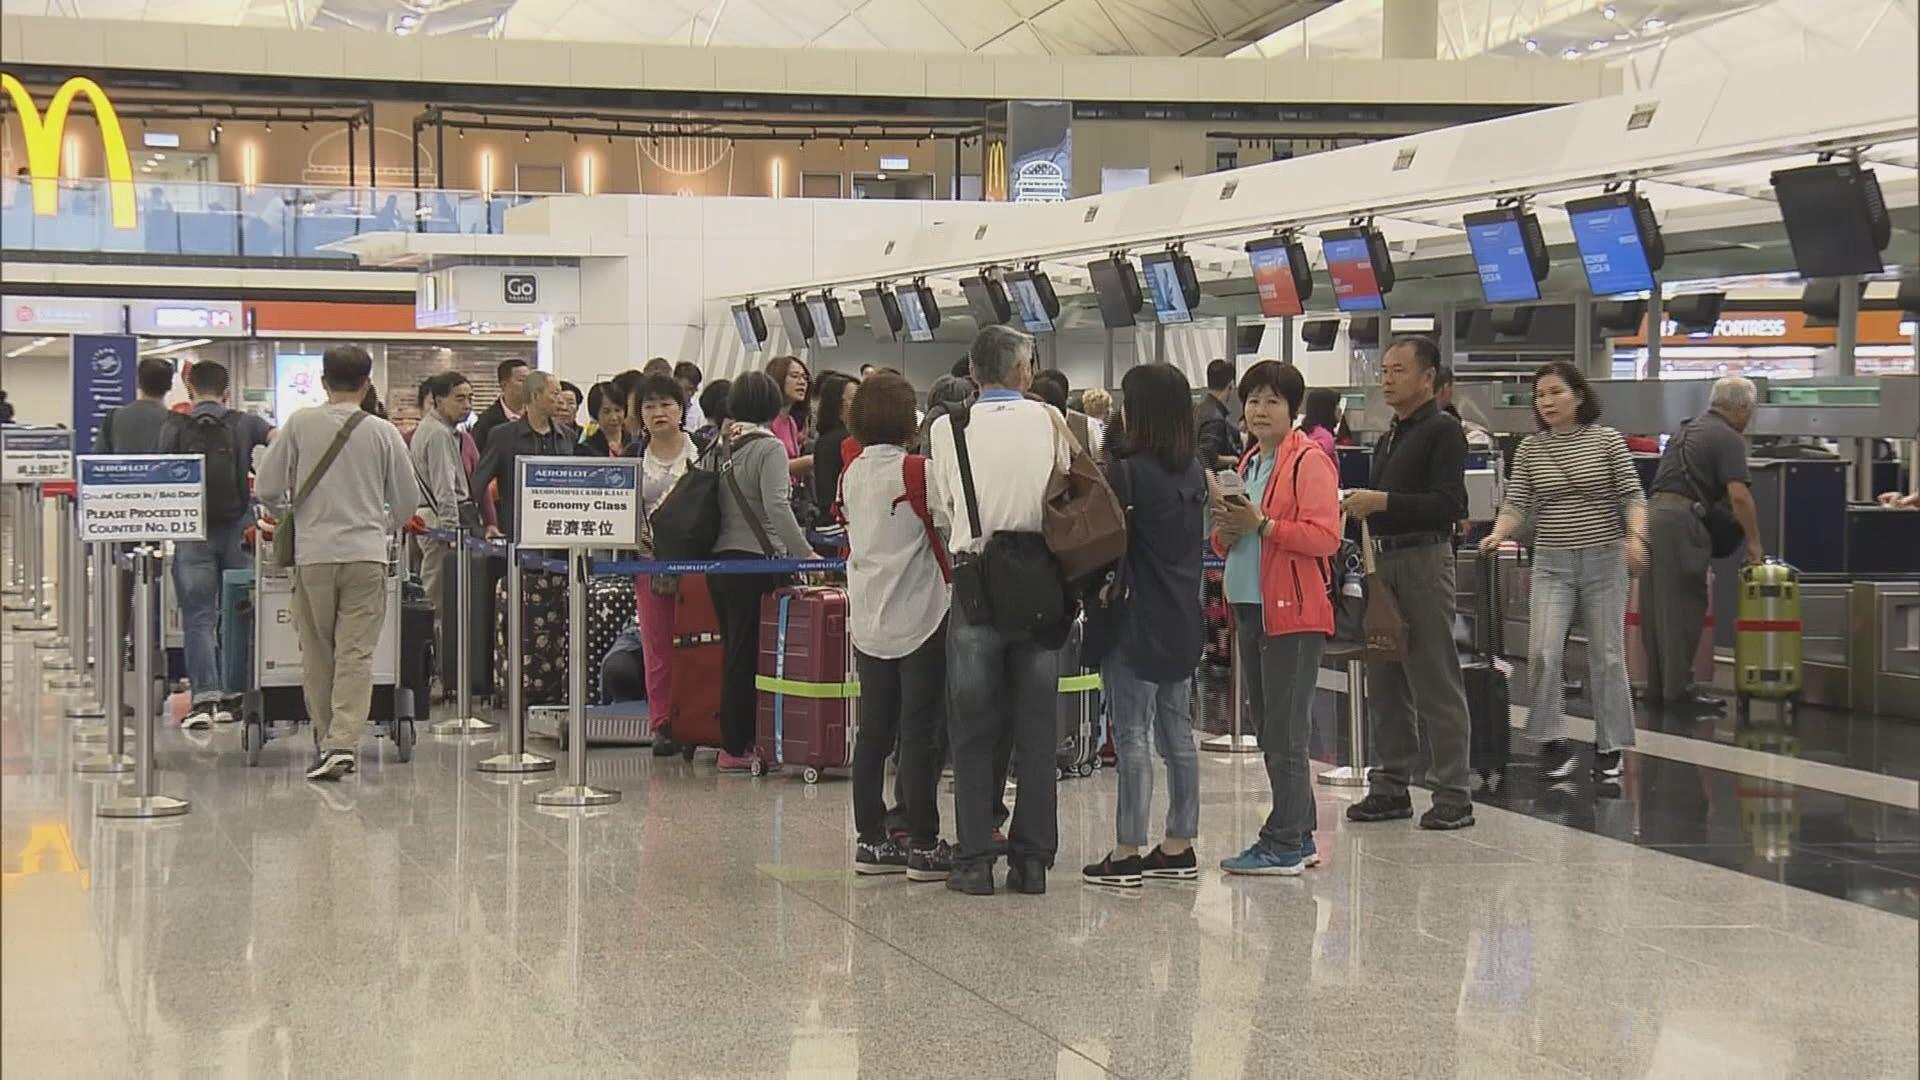 機場大批旅客等候上機